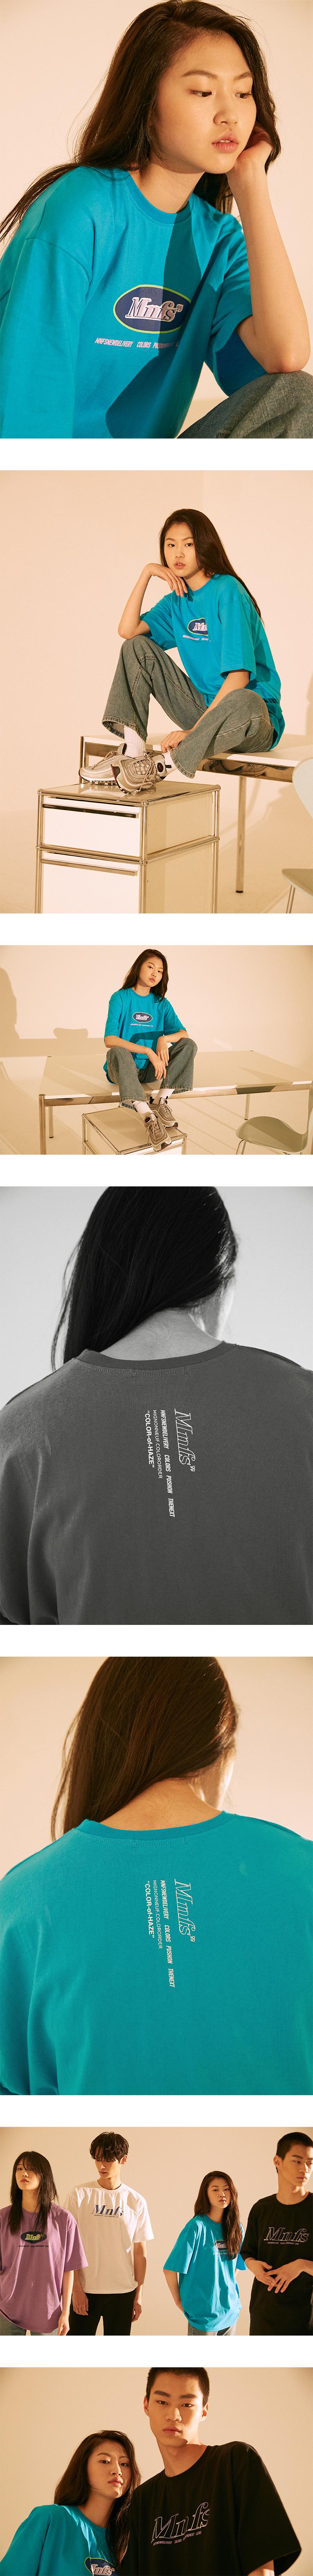 미뇽네프(MIGNONNEUF) 써클로고 오버핏 반팔 티셔츠 아쿠아블루